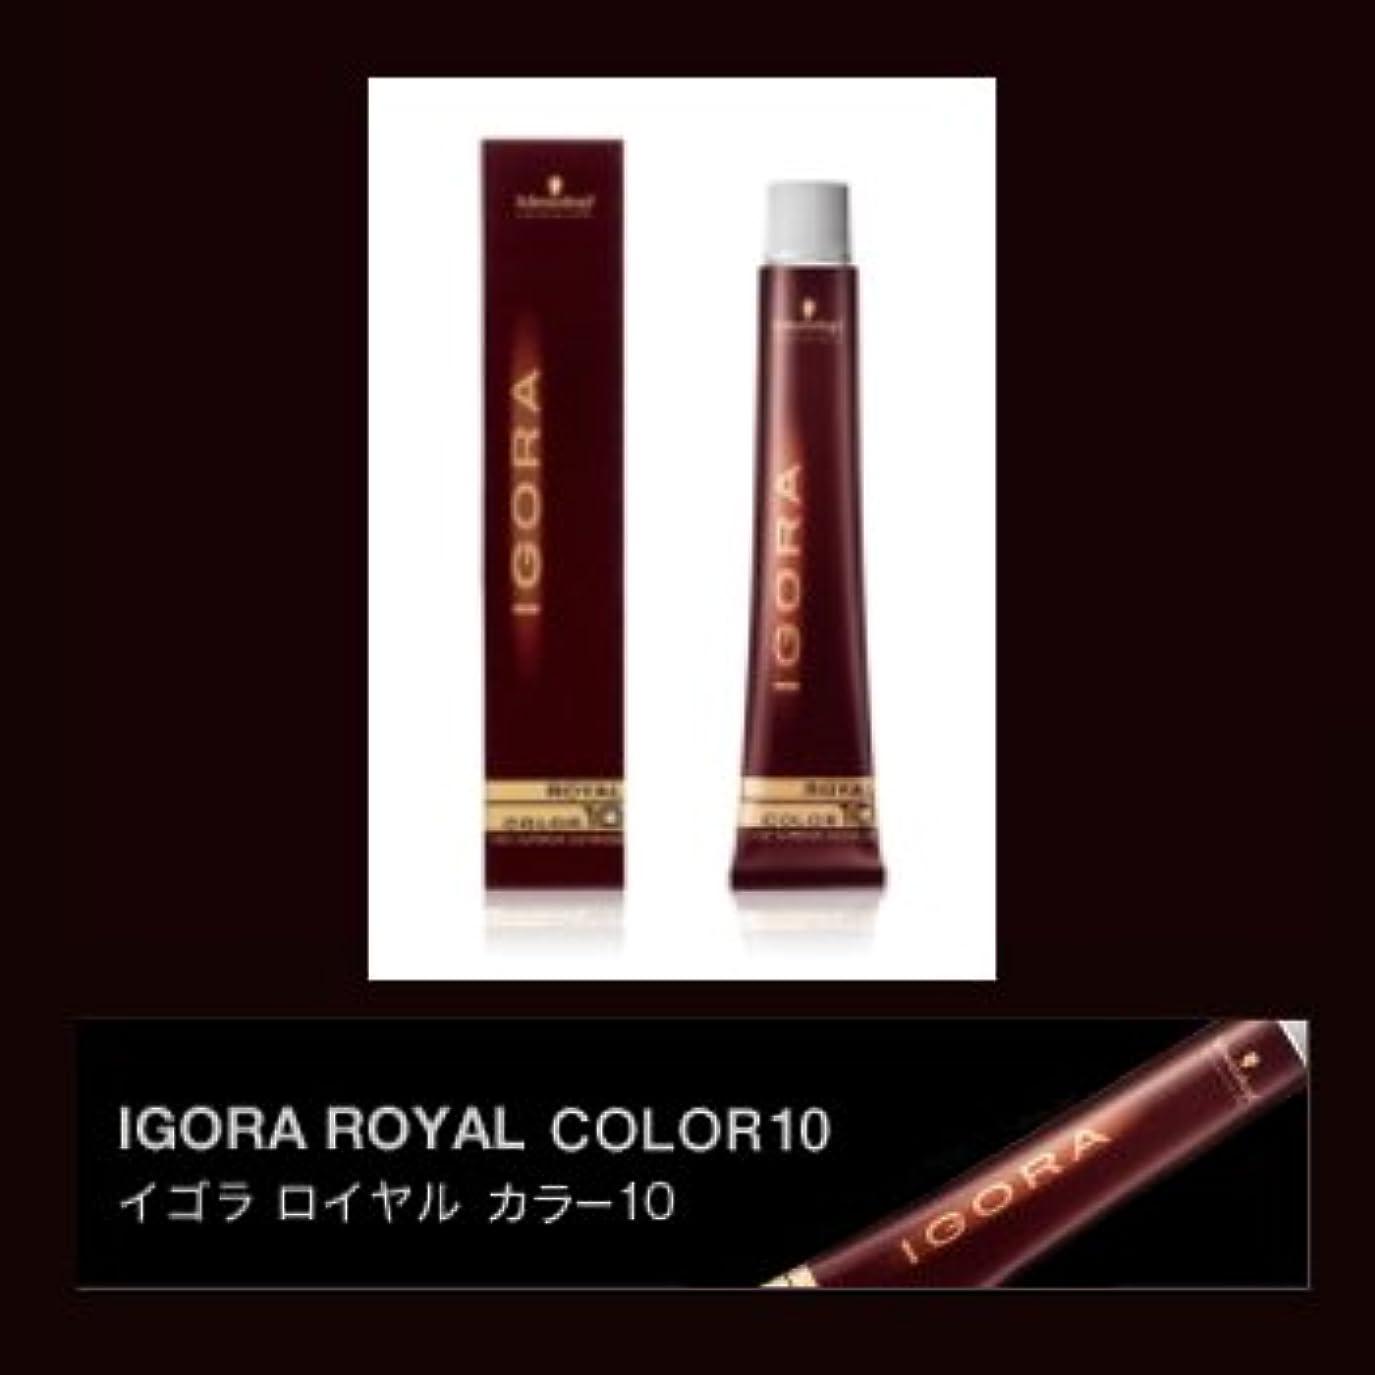 安価な政策ブレンドシュワルツコフ イゴラ ロイヤルカラー10 ブラウン 80g(1剤) 【ブラウン】B4X